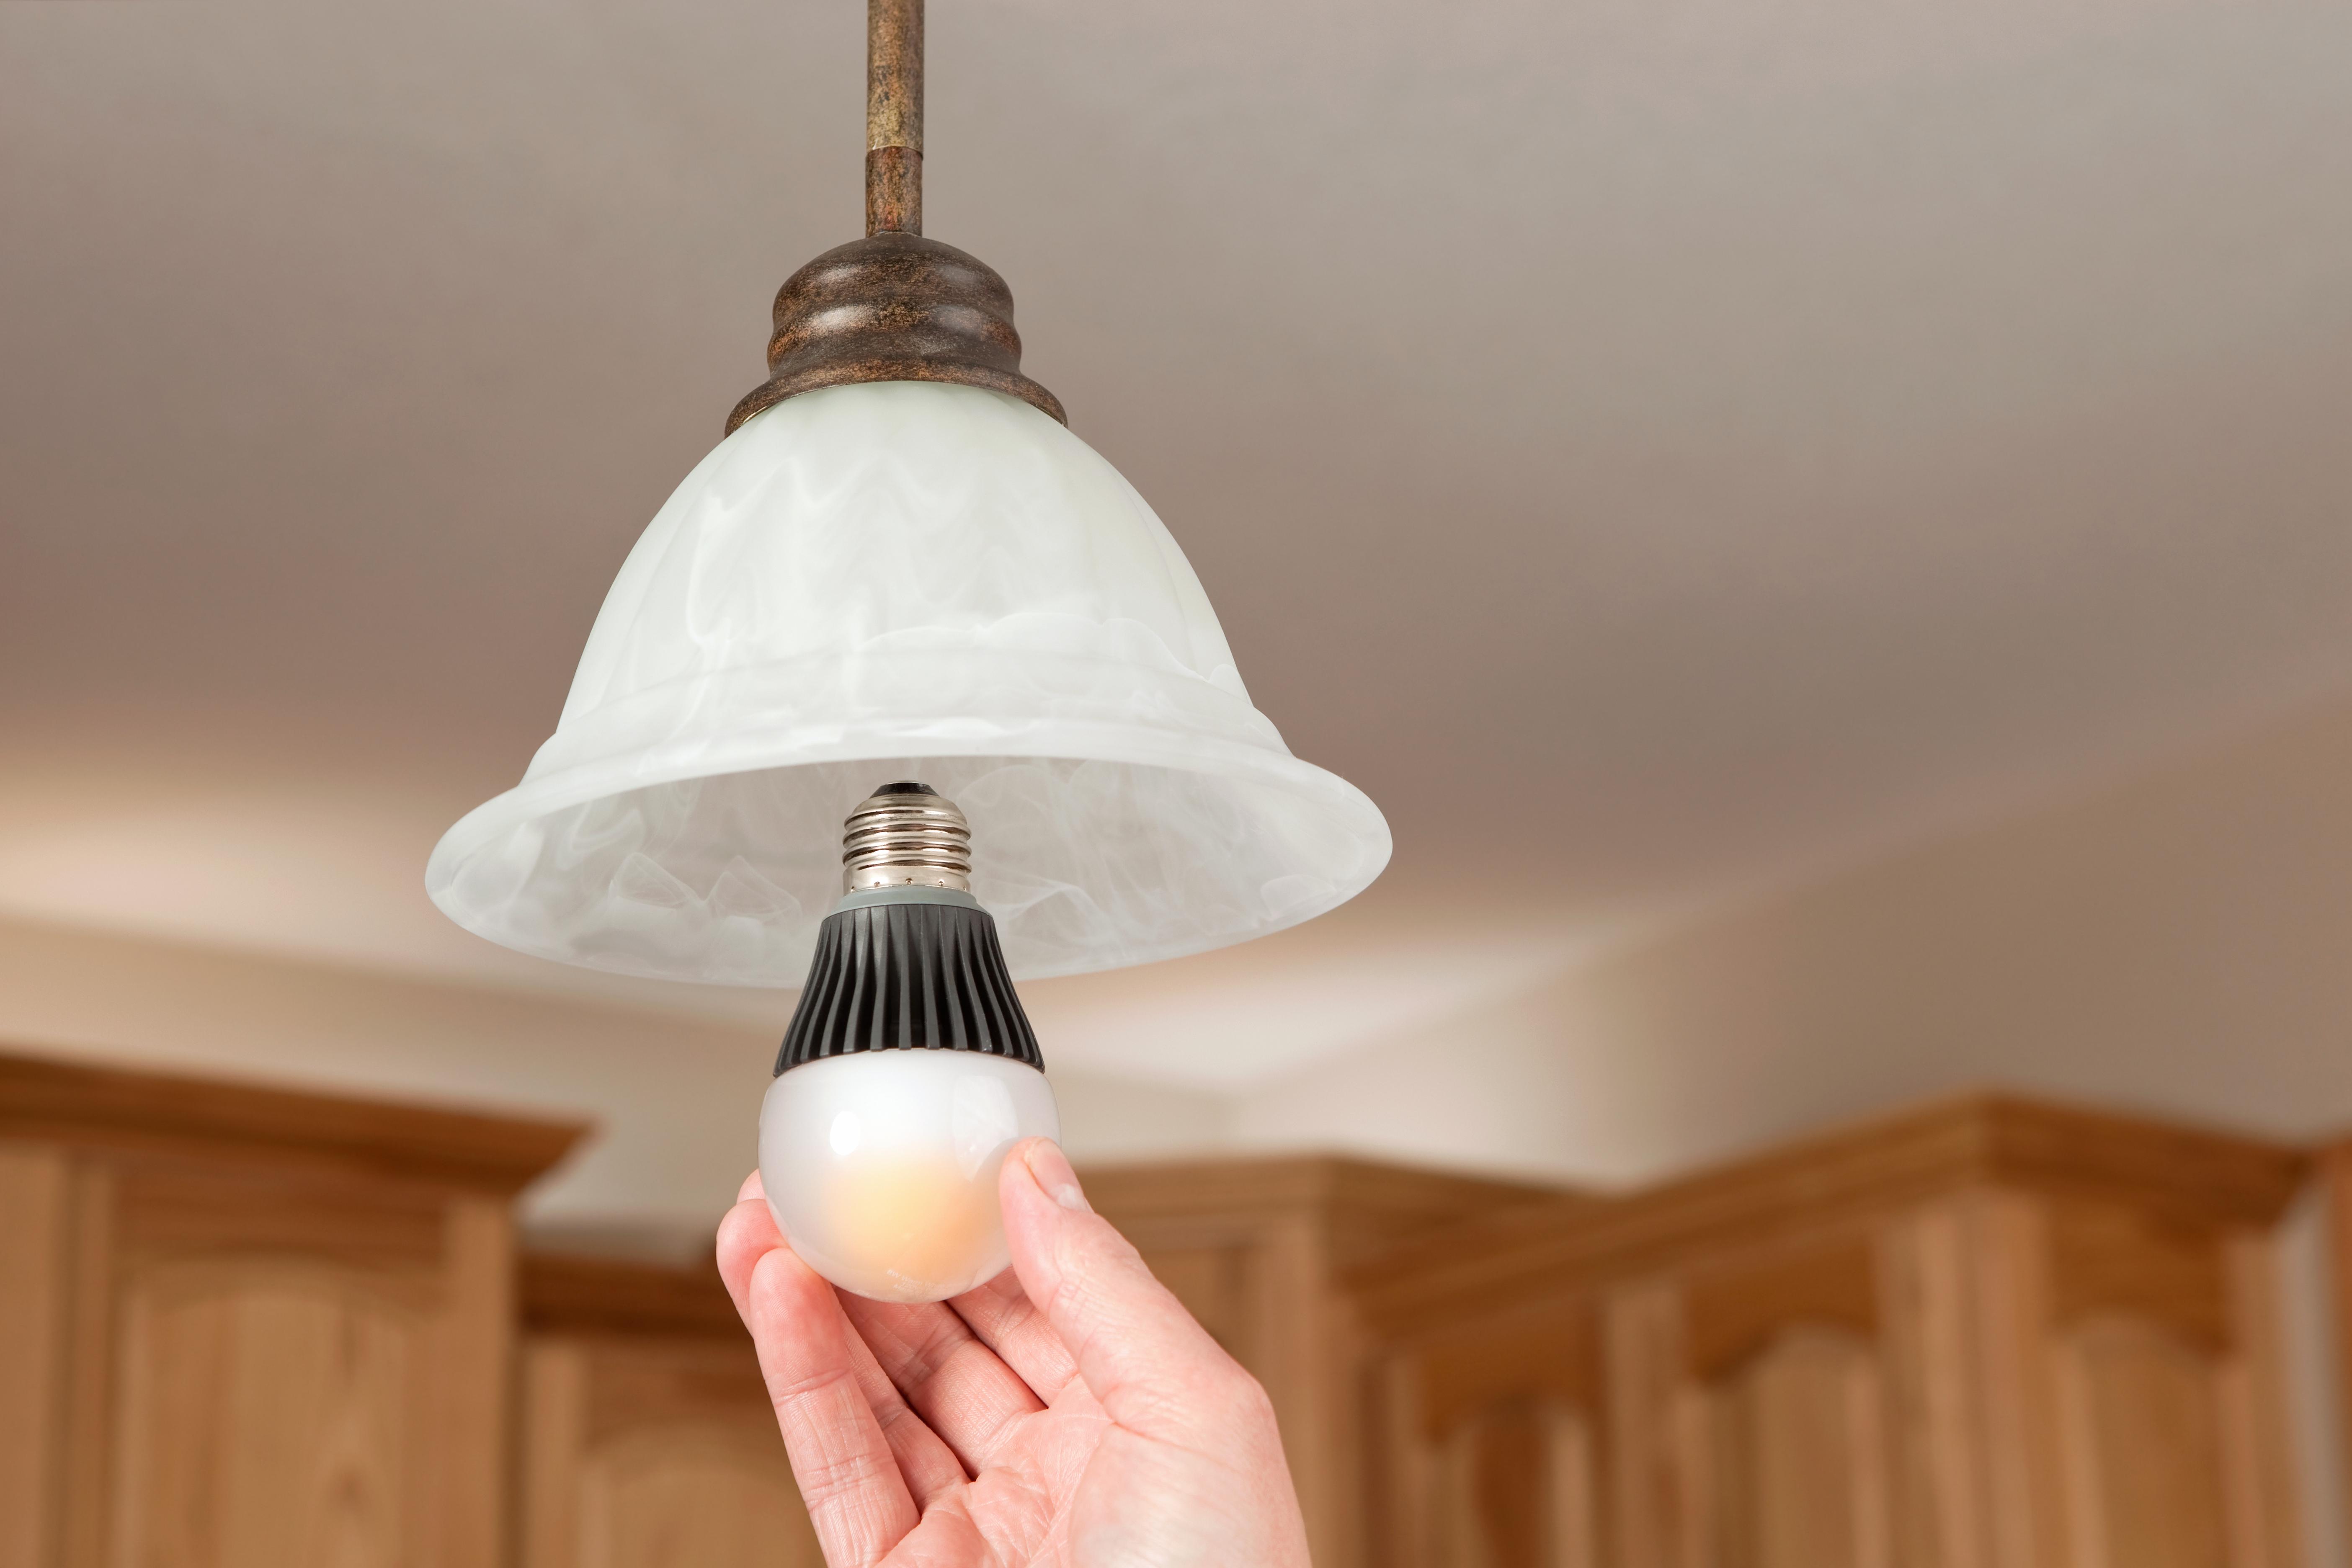 Hand Installing LED Light Bulb